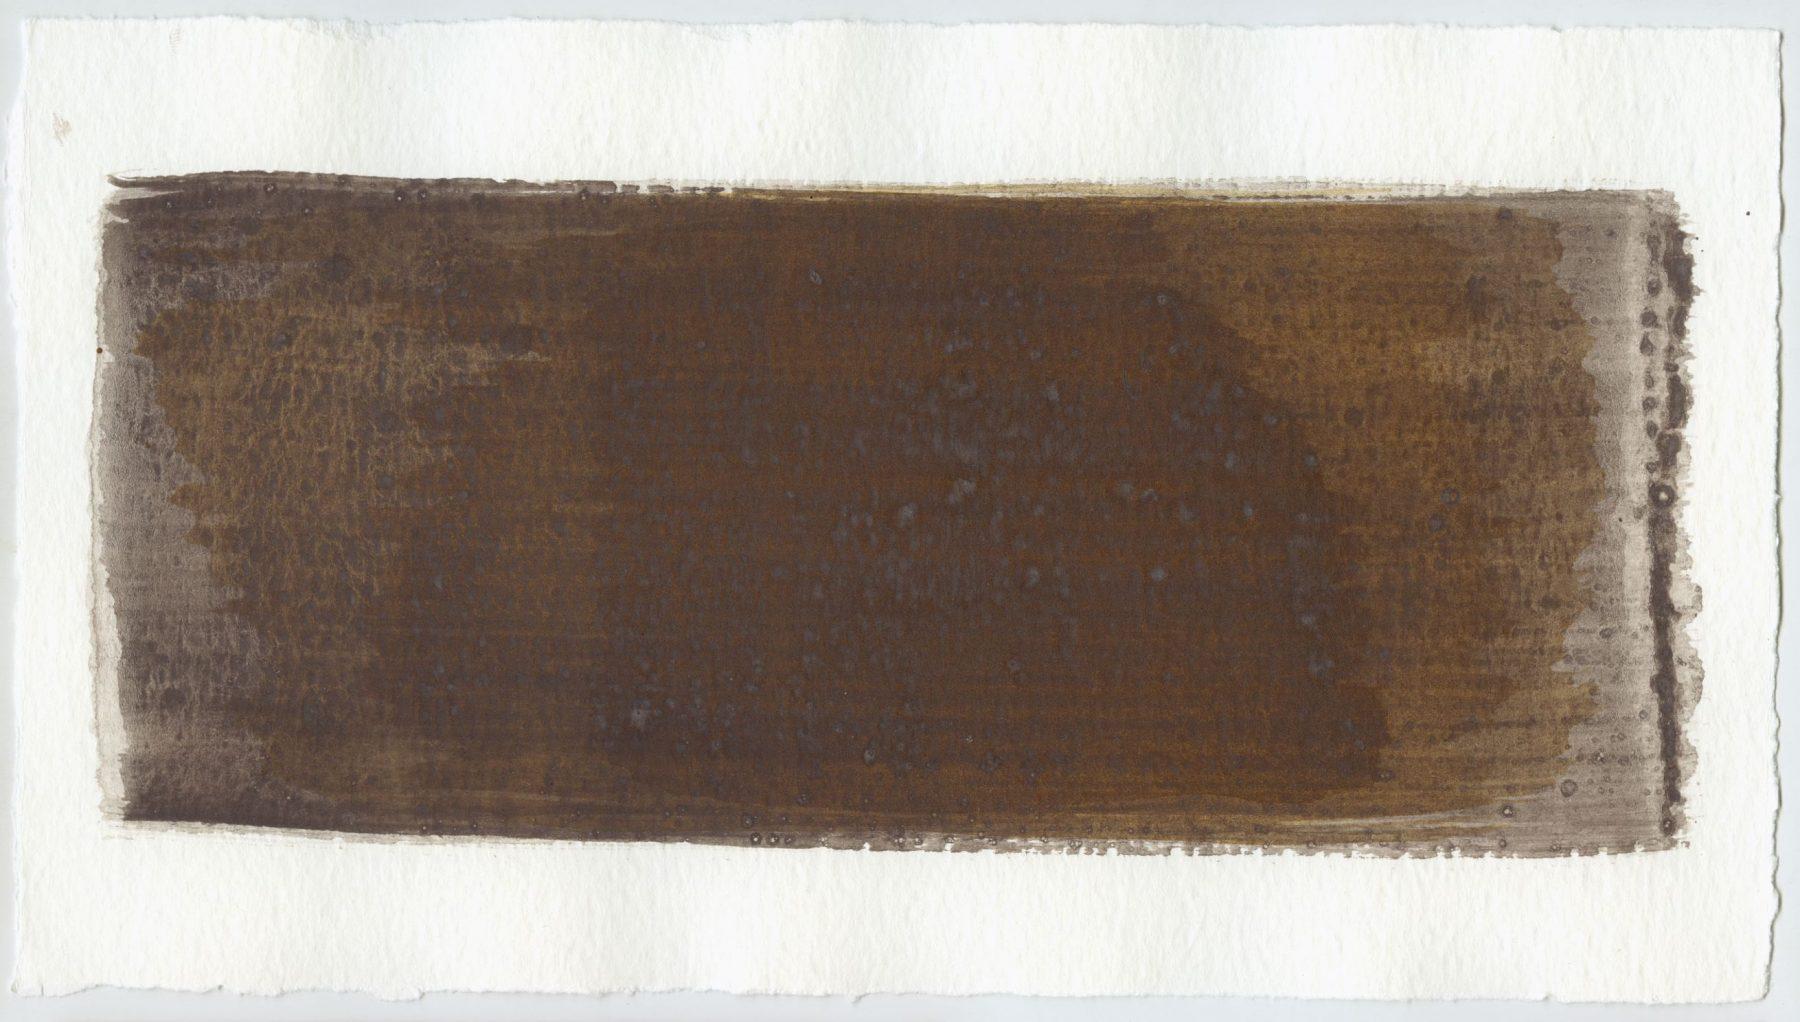 Brush stroke no. 70 - Selfmade pigment: Mortel paarsgrijs fijn, IJzeroer